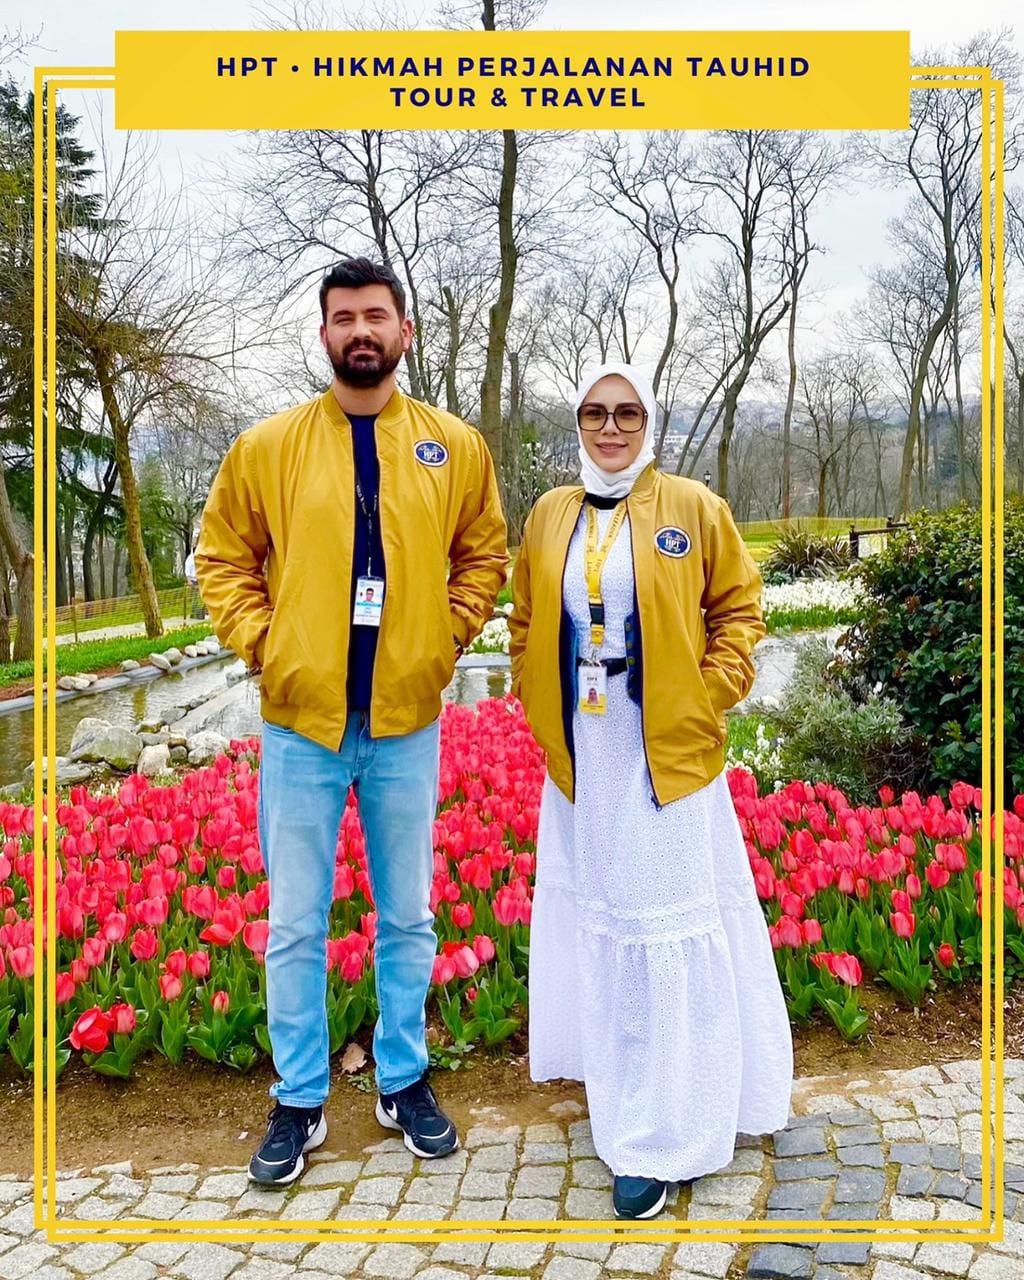 hpttourtravel-Halal-Tour